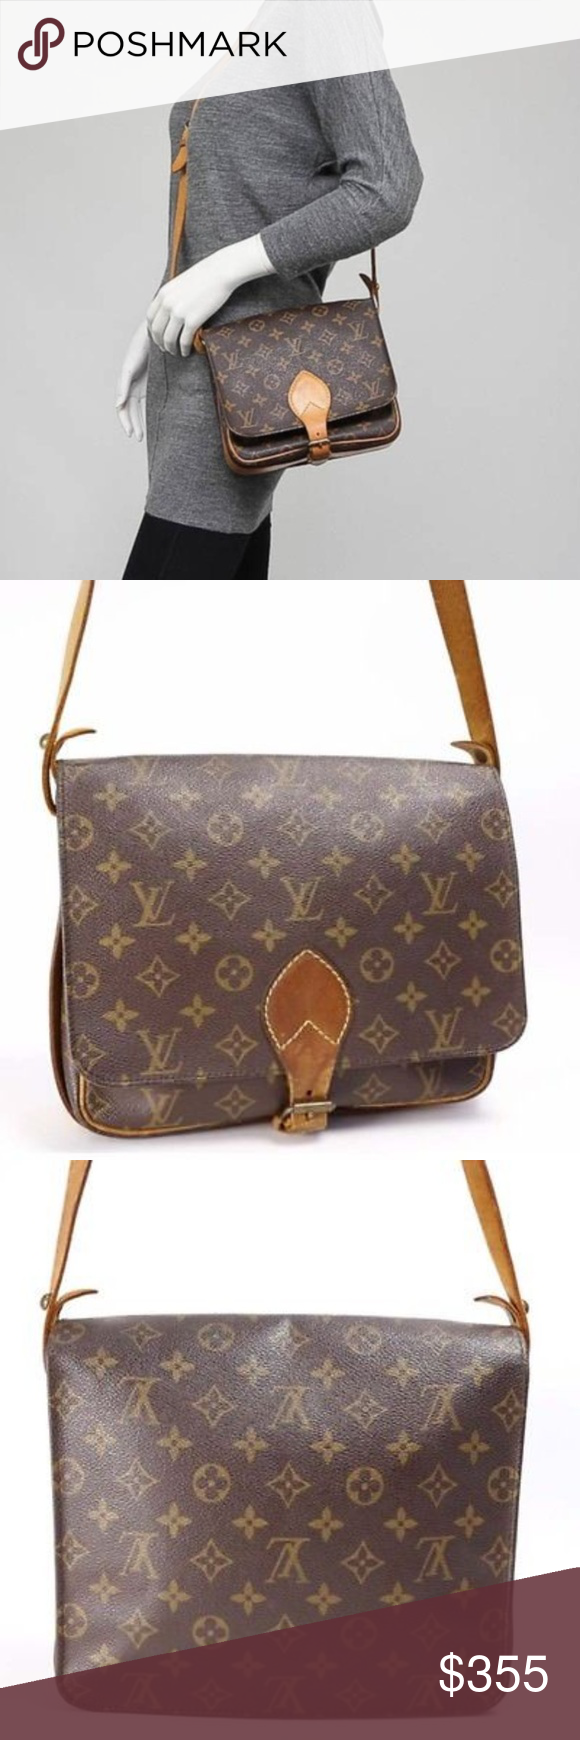 Authentic Louis Vuitton Cartouchiere MM Bag Adorable